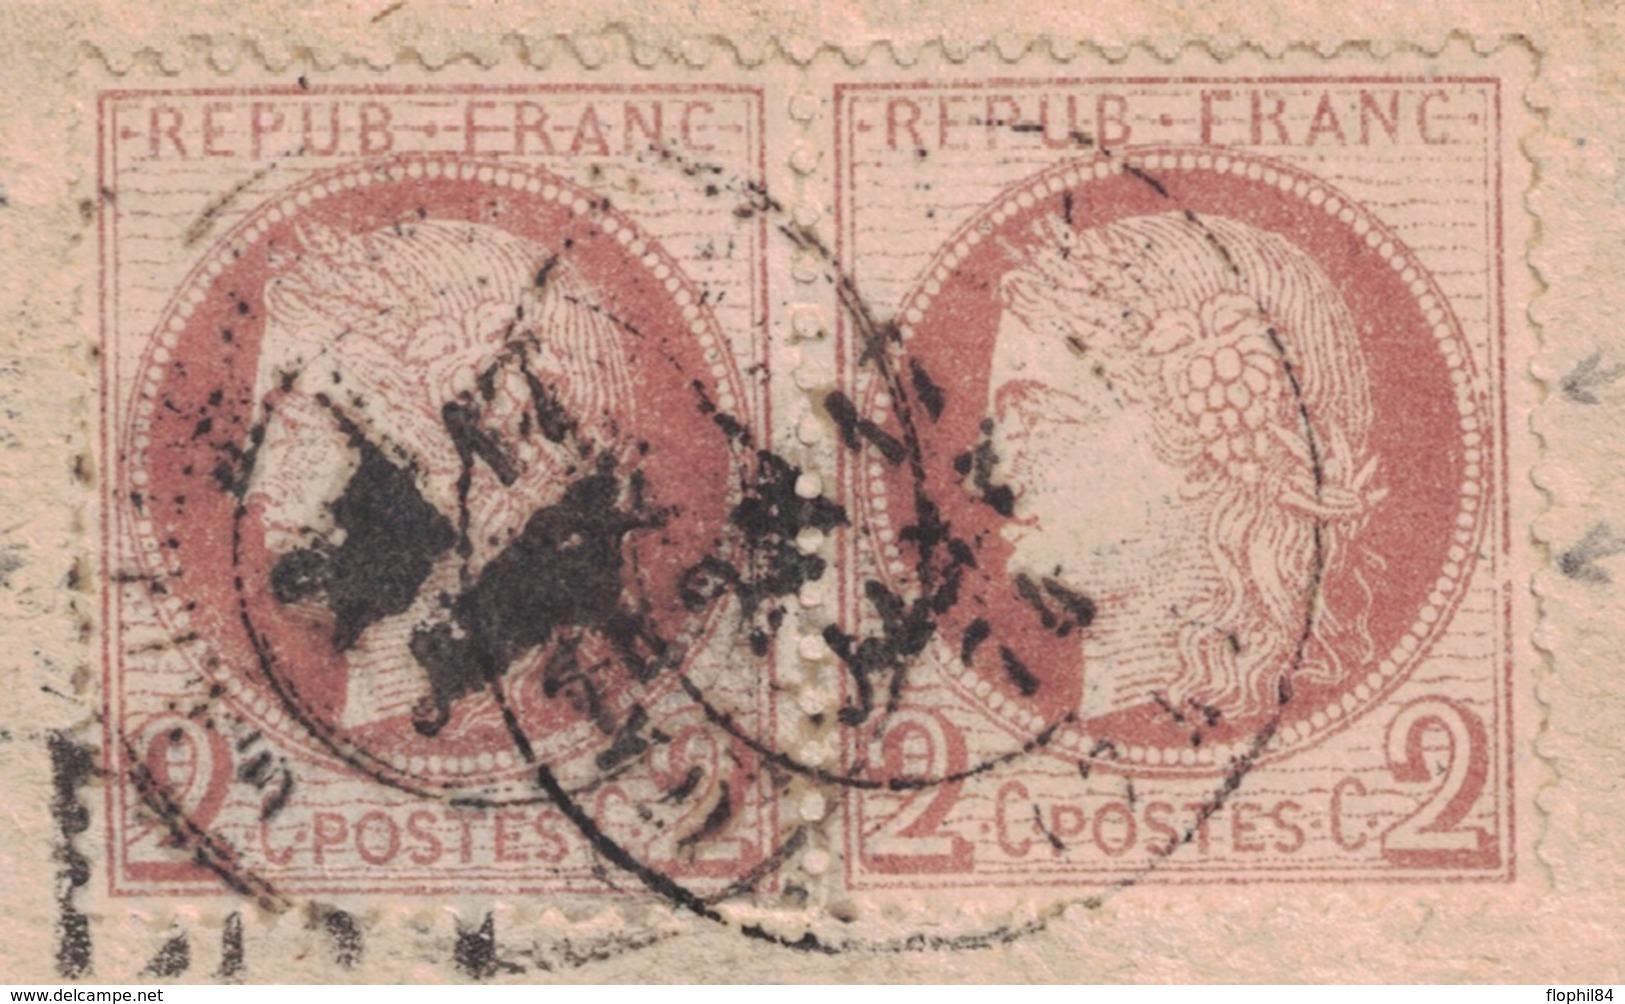 SEINE INFERIEURE - HAUCOURT - ARRONDISSEMENT DE NEUFCHATEL - N°51 EN PAIRE SUR AVERTISSEMENT DES CONTRIBUTIONS FONCIERES - Postmark Collection (Covers)